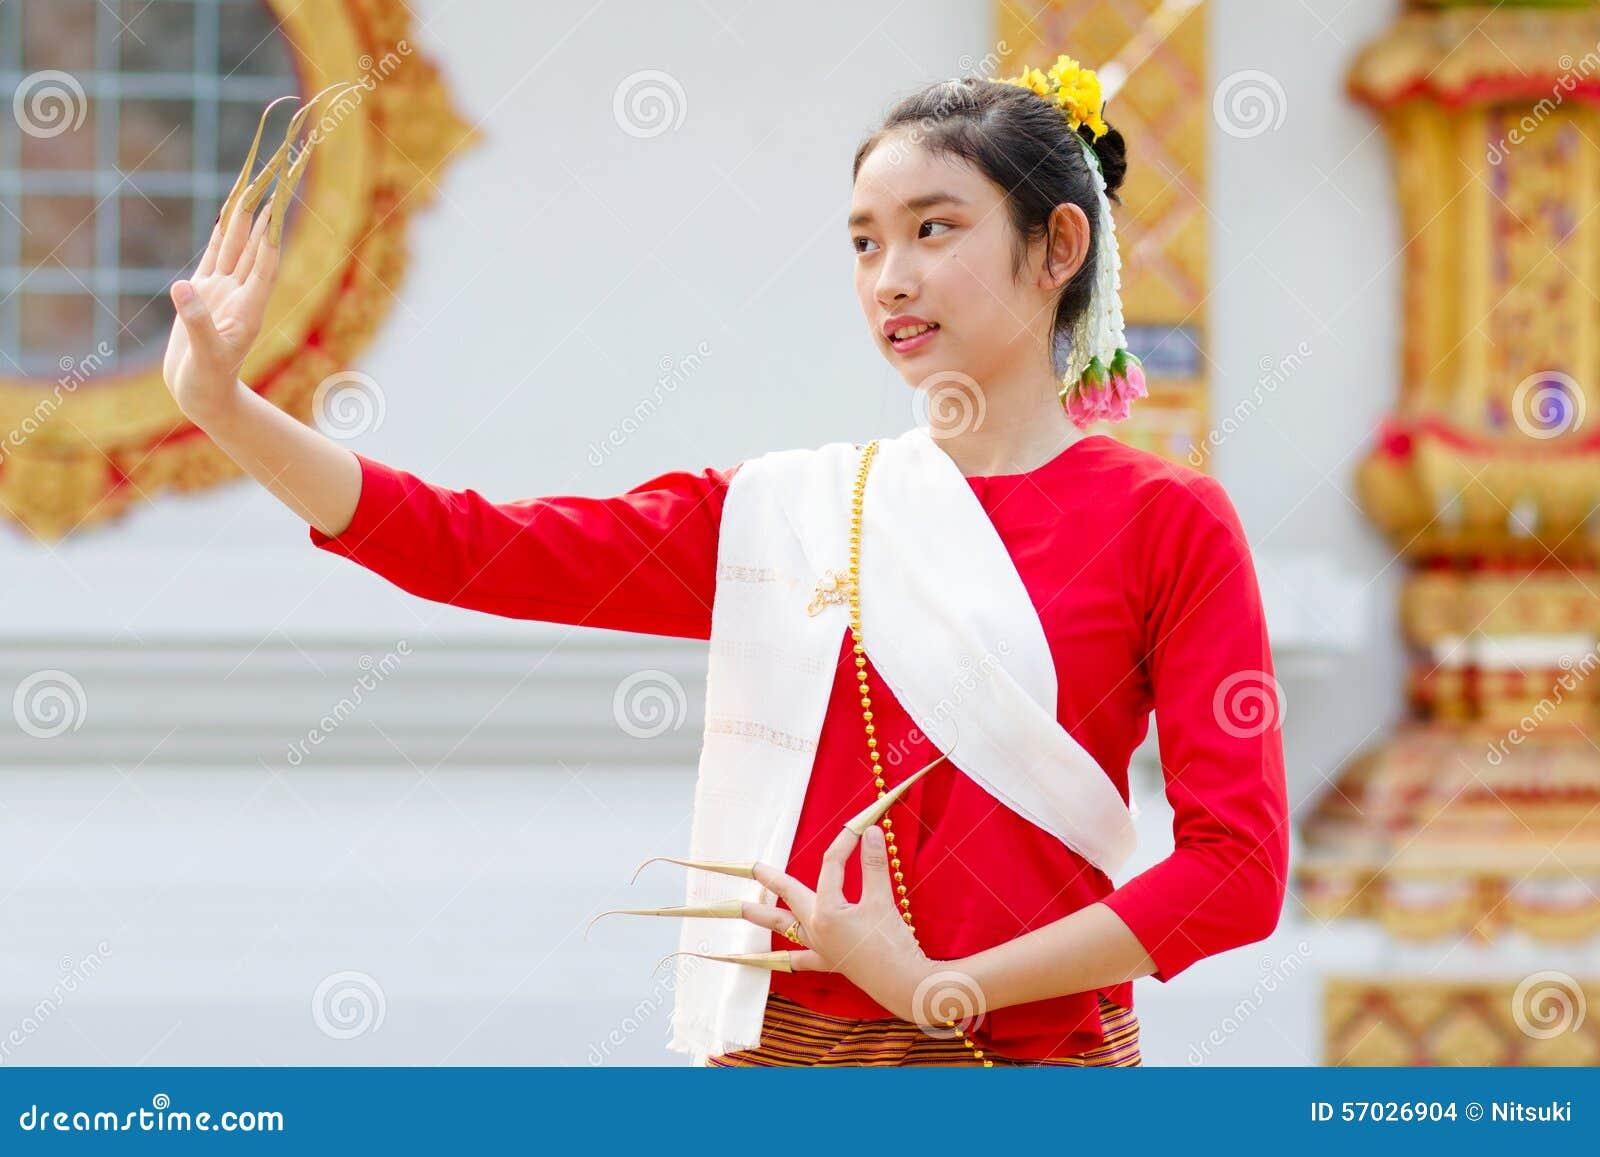 Thaise meisjesdans